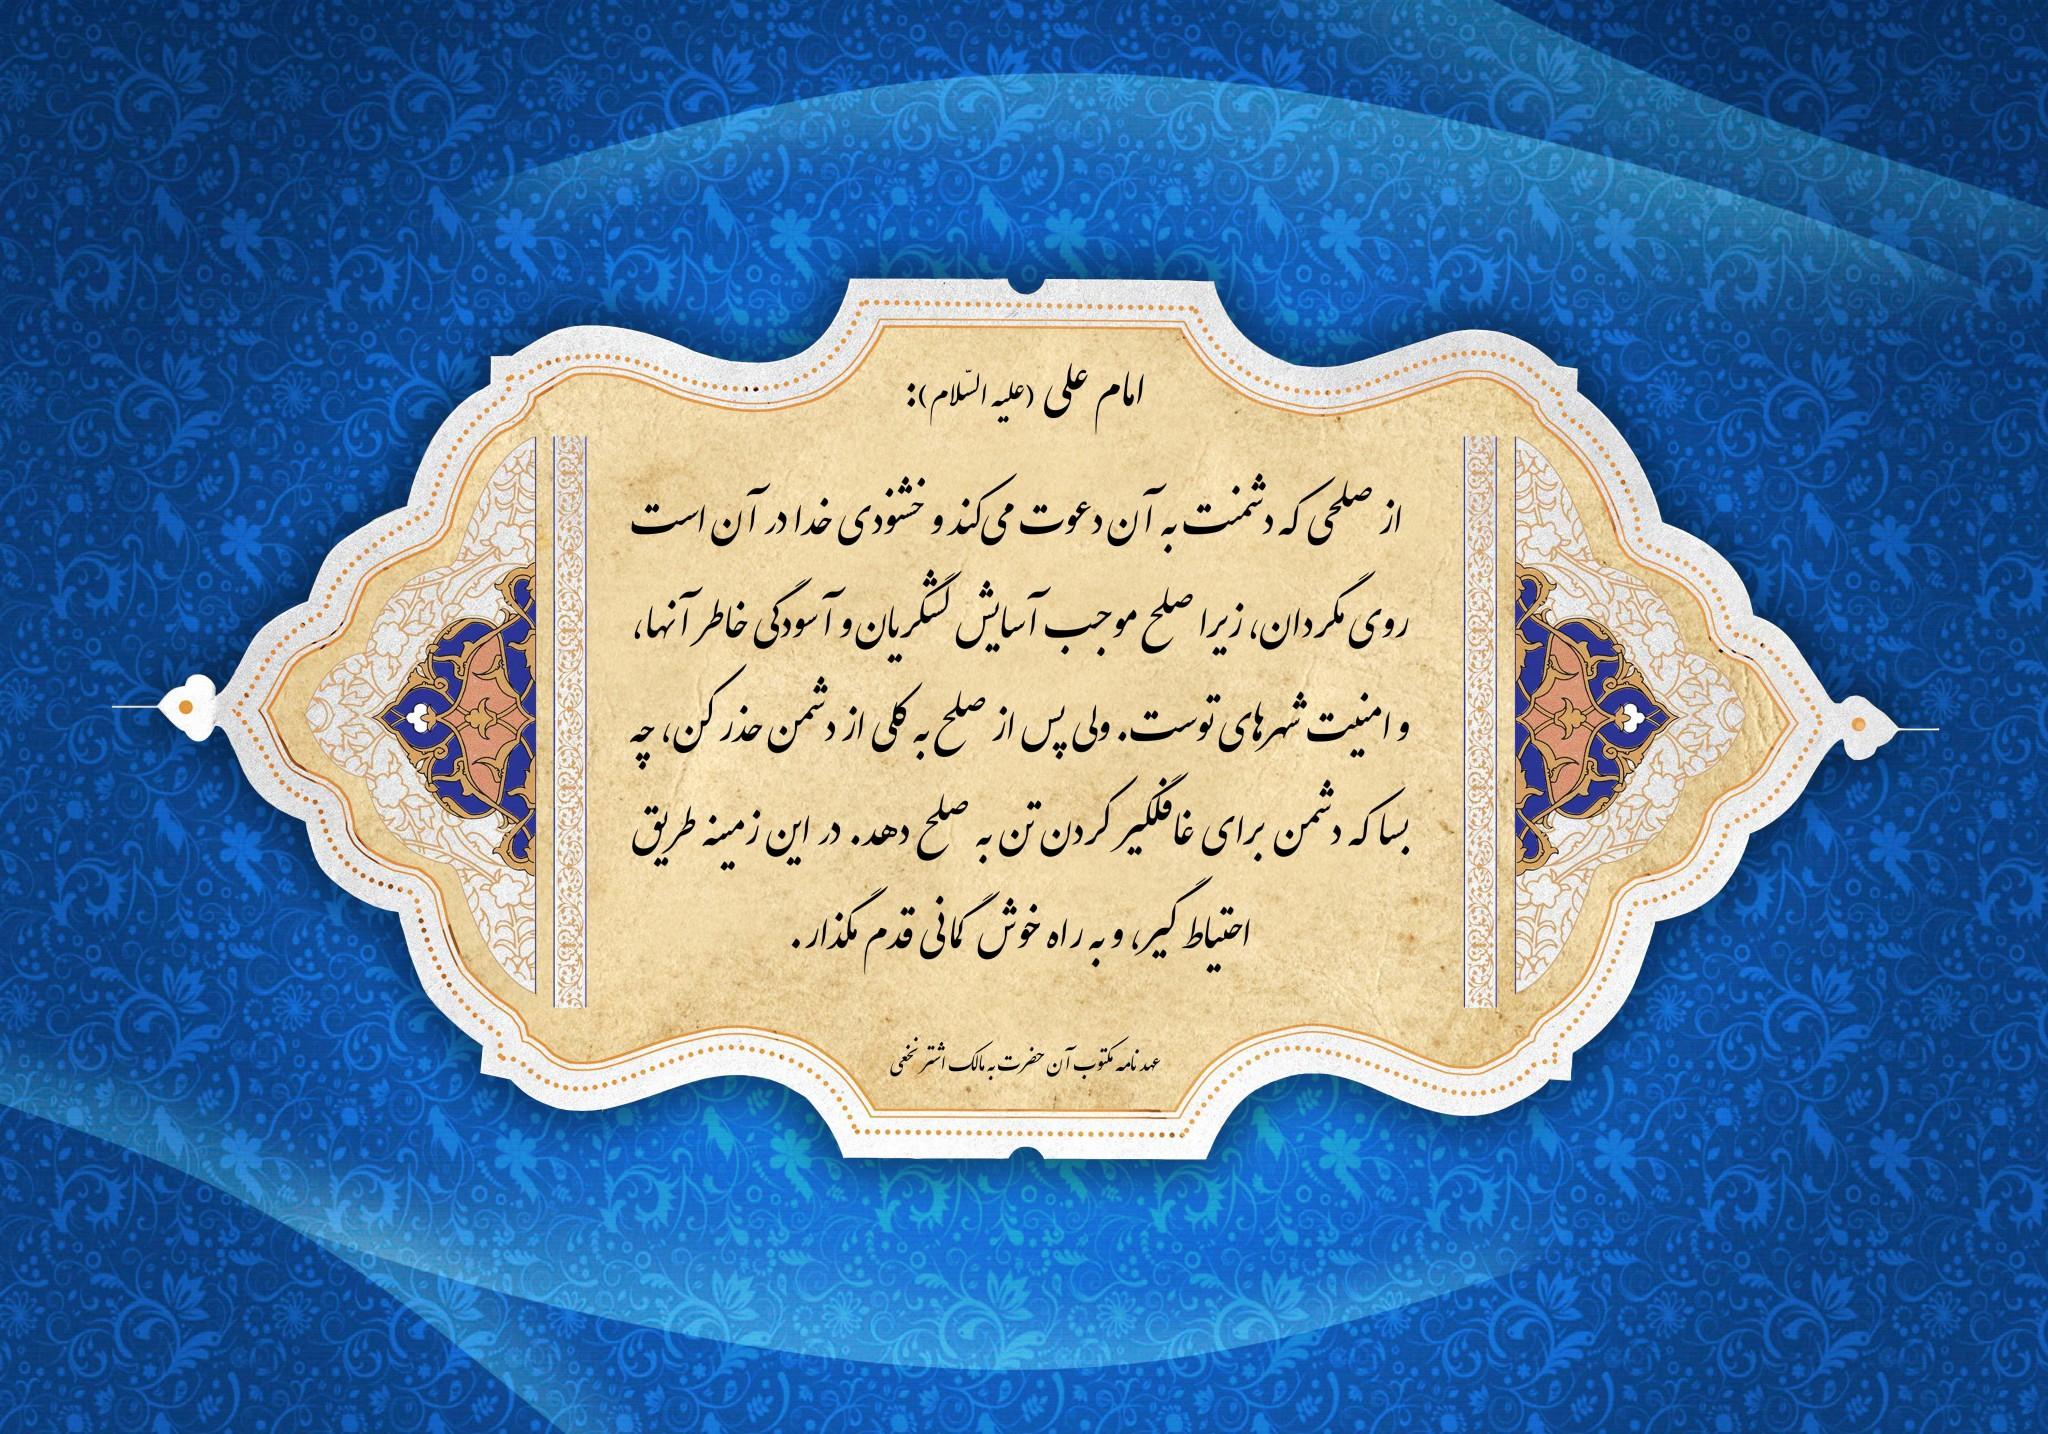 دعای امام رضا (ع) برای امام زمان (عج),دعای امام رضا برای امام زمان